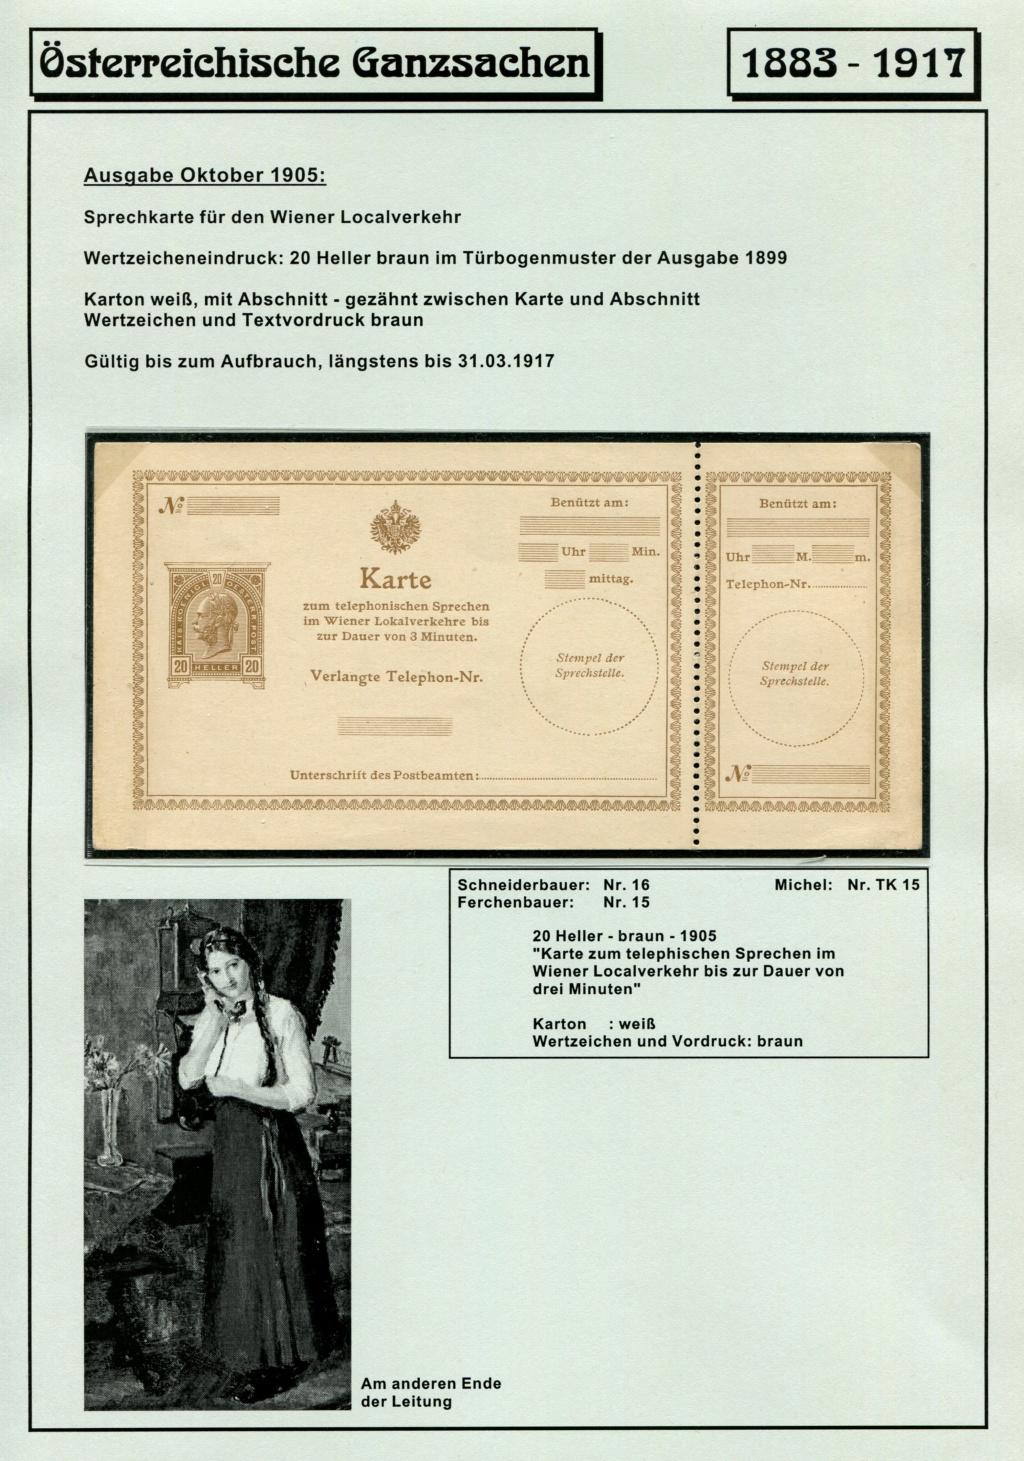 Österreichische Telephon-Sprechkarten - 1883 - 1917 Tel_ka32